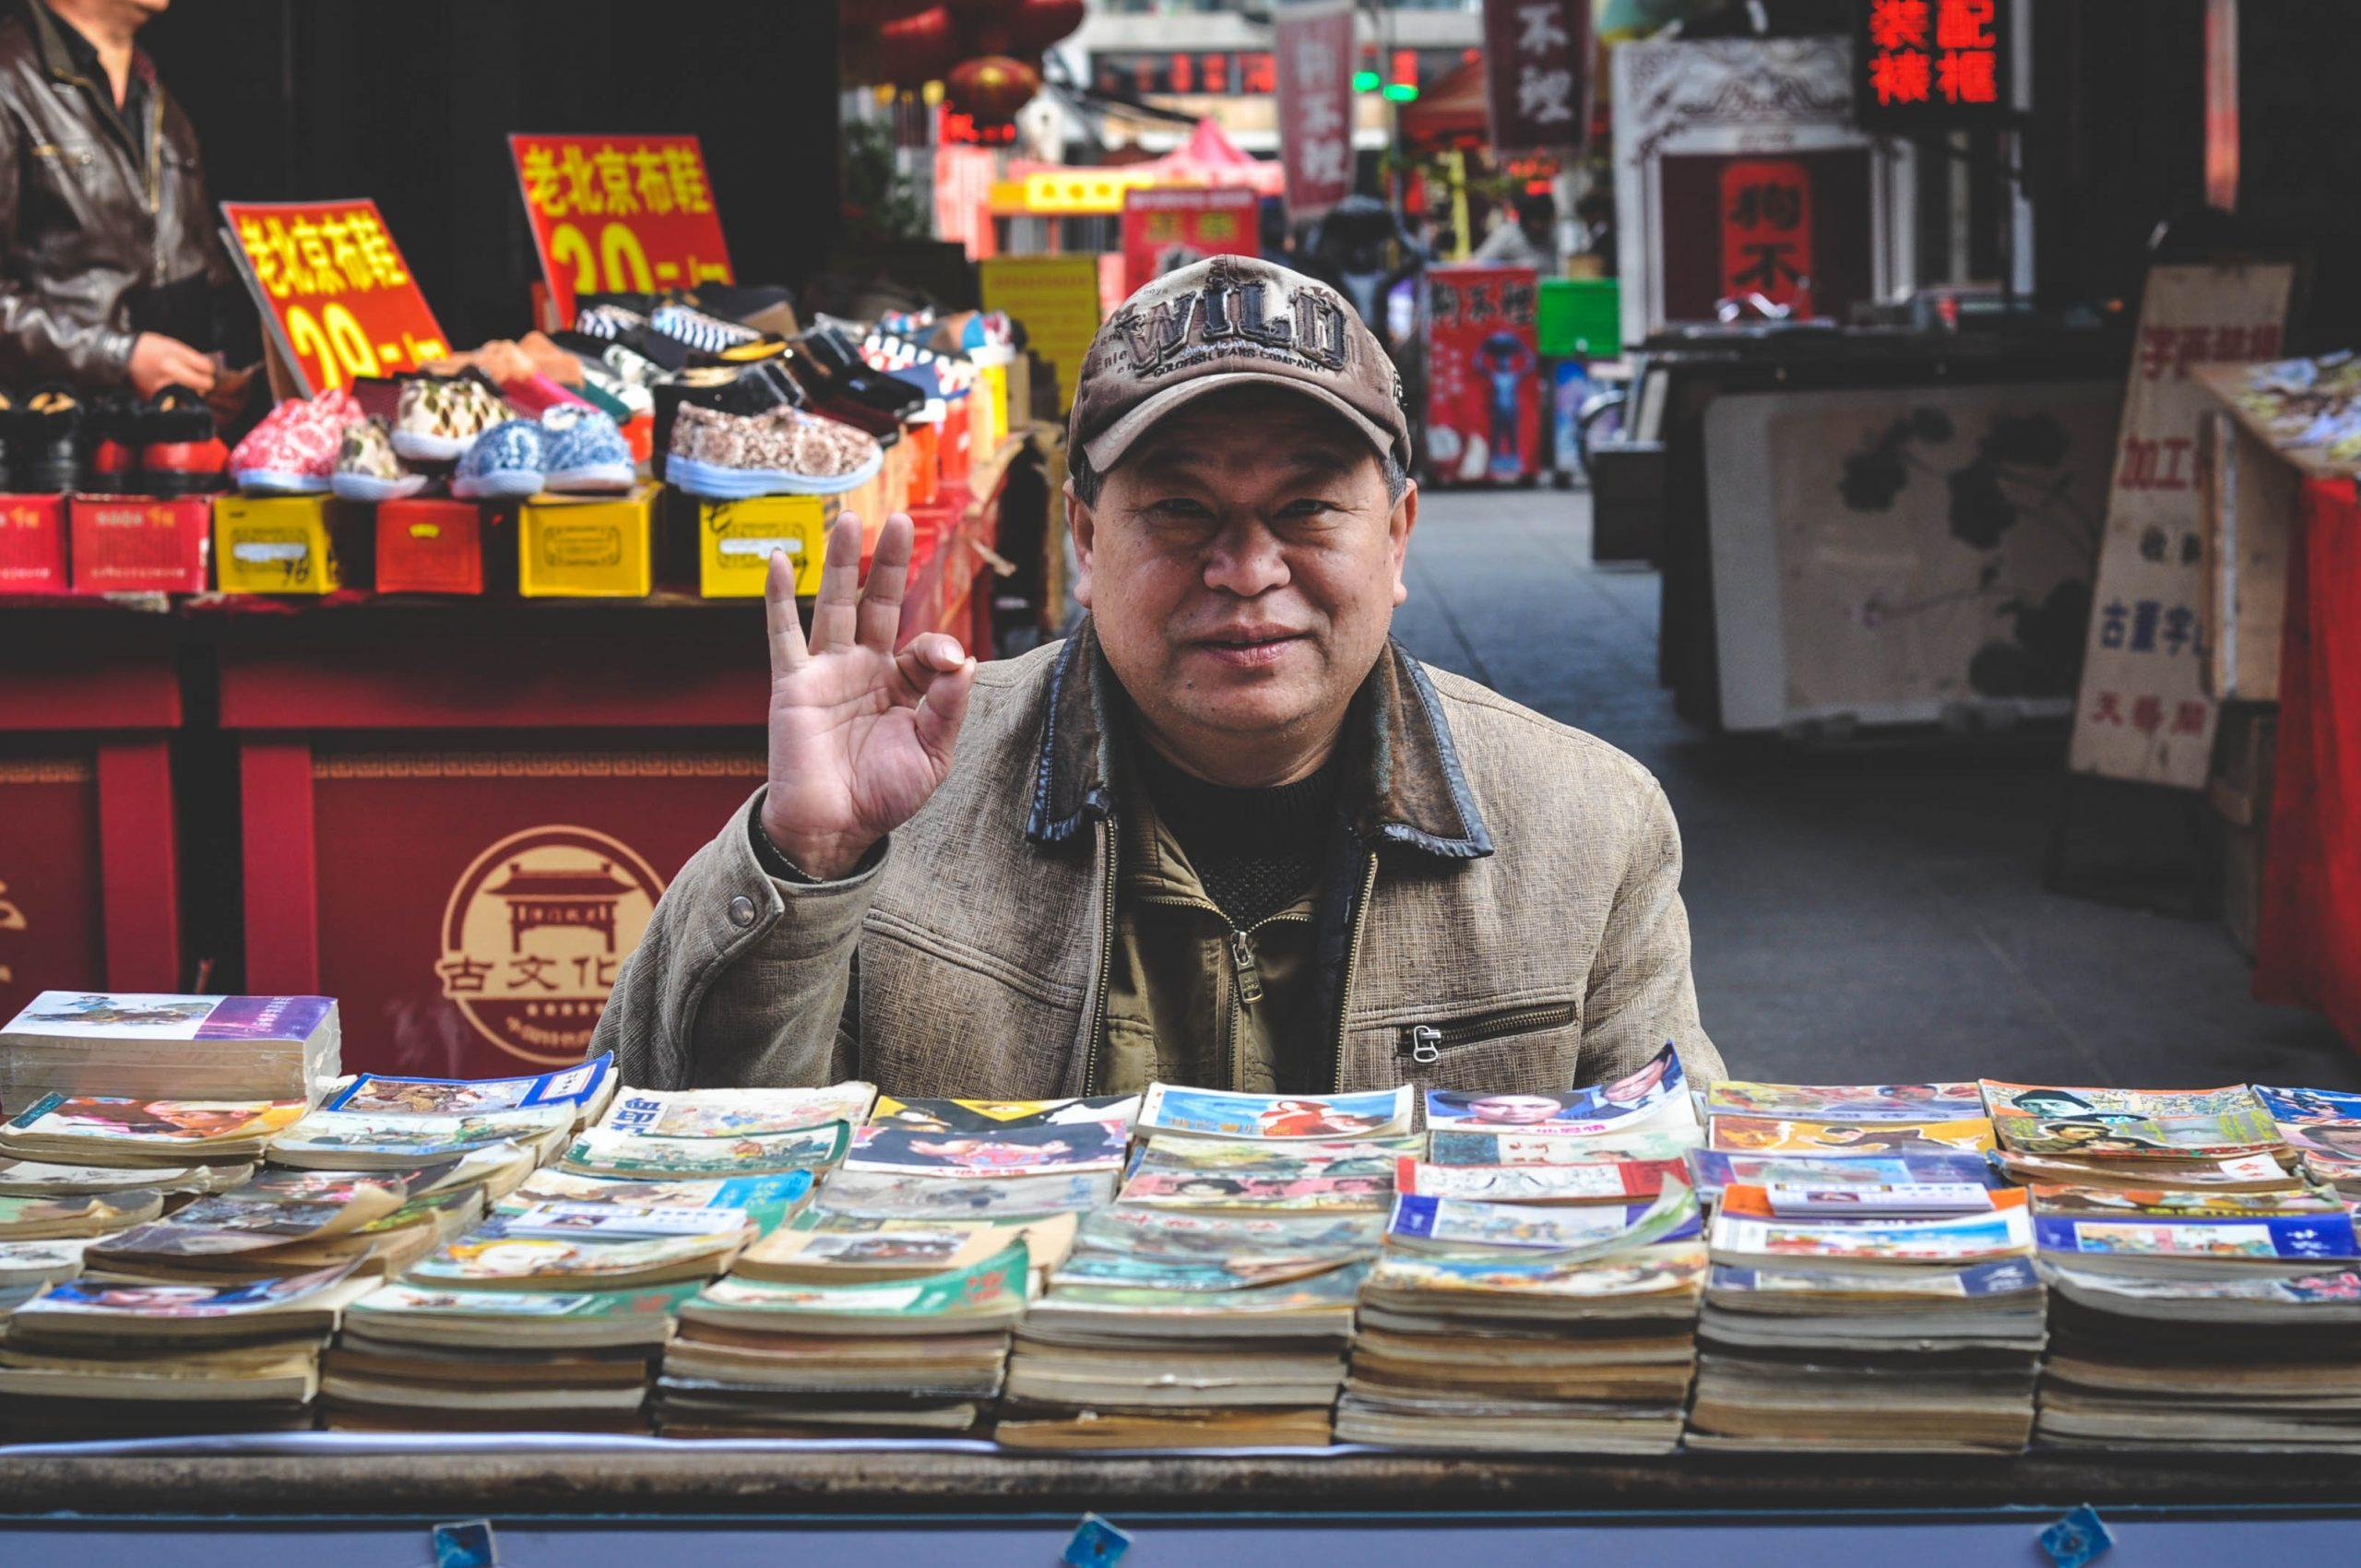 https://lisaslaw.co.uk/wp-content/uploads/2020/07/asian-books-china-chinese-279225-scaled.jpg